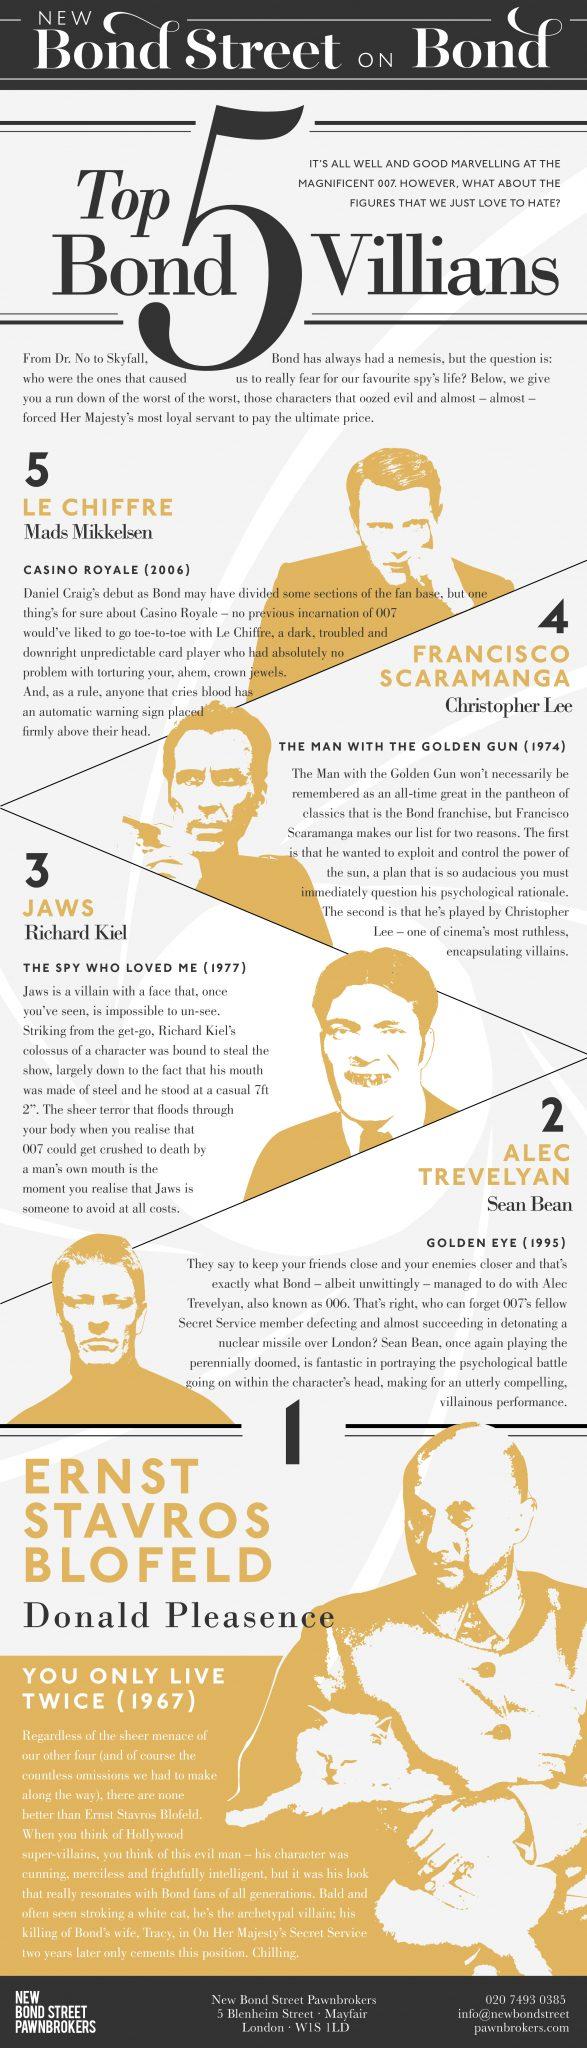 Top 5 James Bond Villains - Infographic